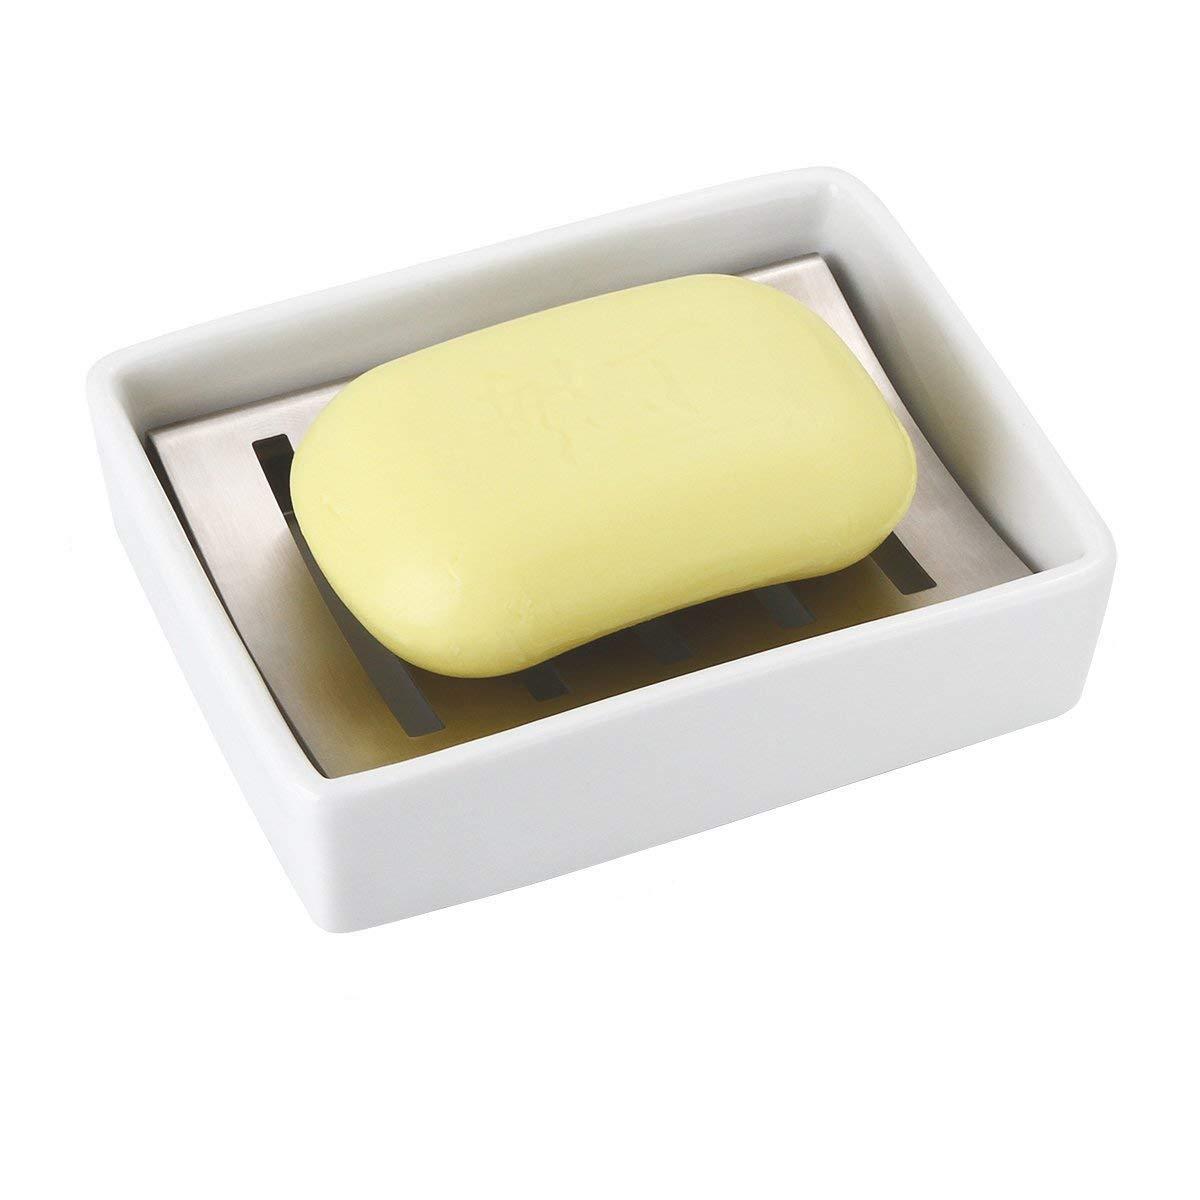 doppio strato di scarico Portasapone in ceramica con portasapone in acciaio inox portasapone per lavabo